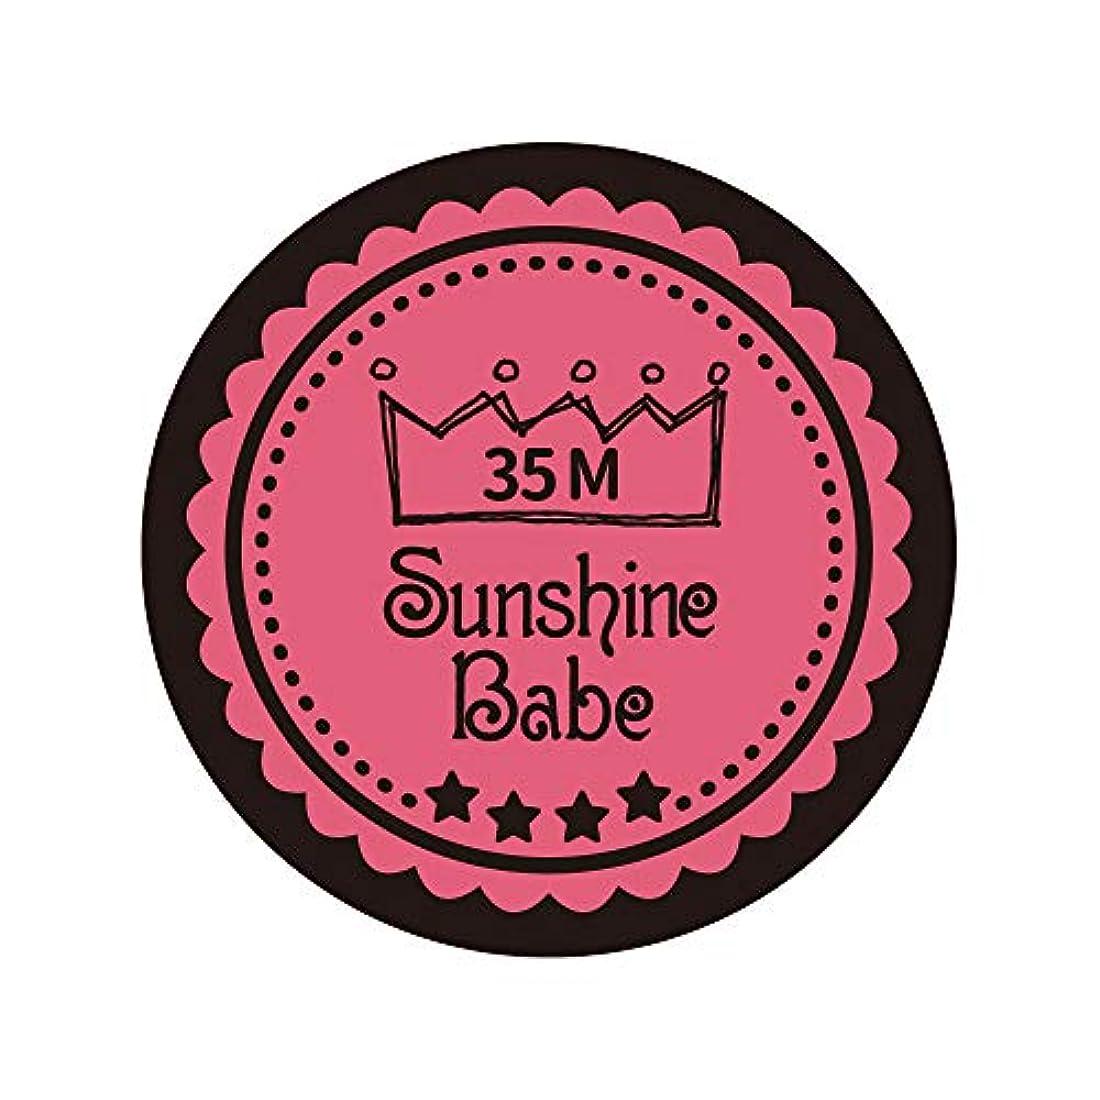 残基役員良心的Sunshine Babe カラージェル 35M ローズピンク 2.7g UV/LED対応